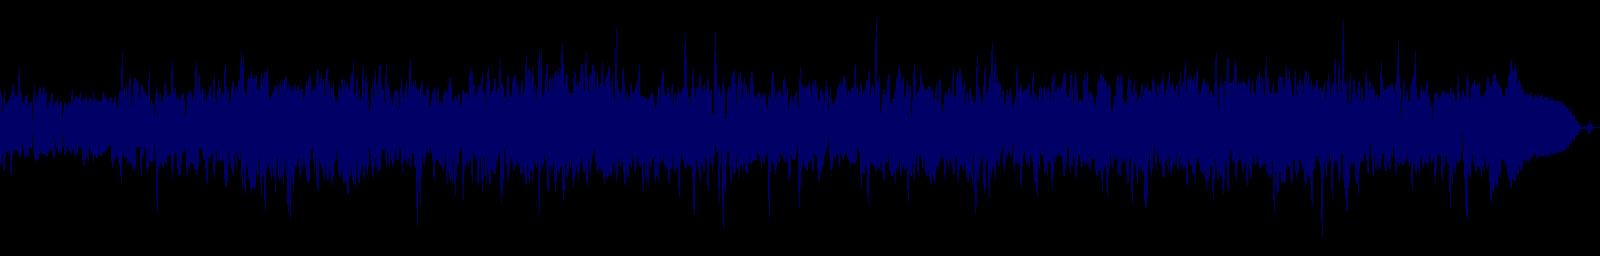 waveform of track #136125